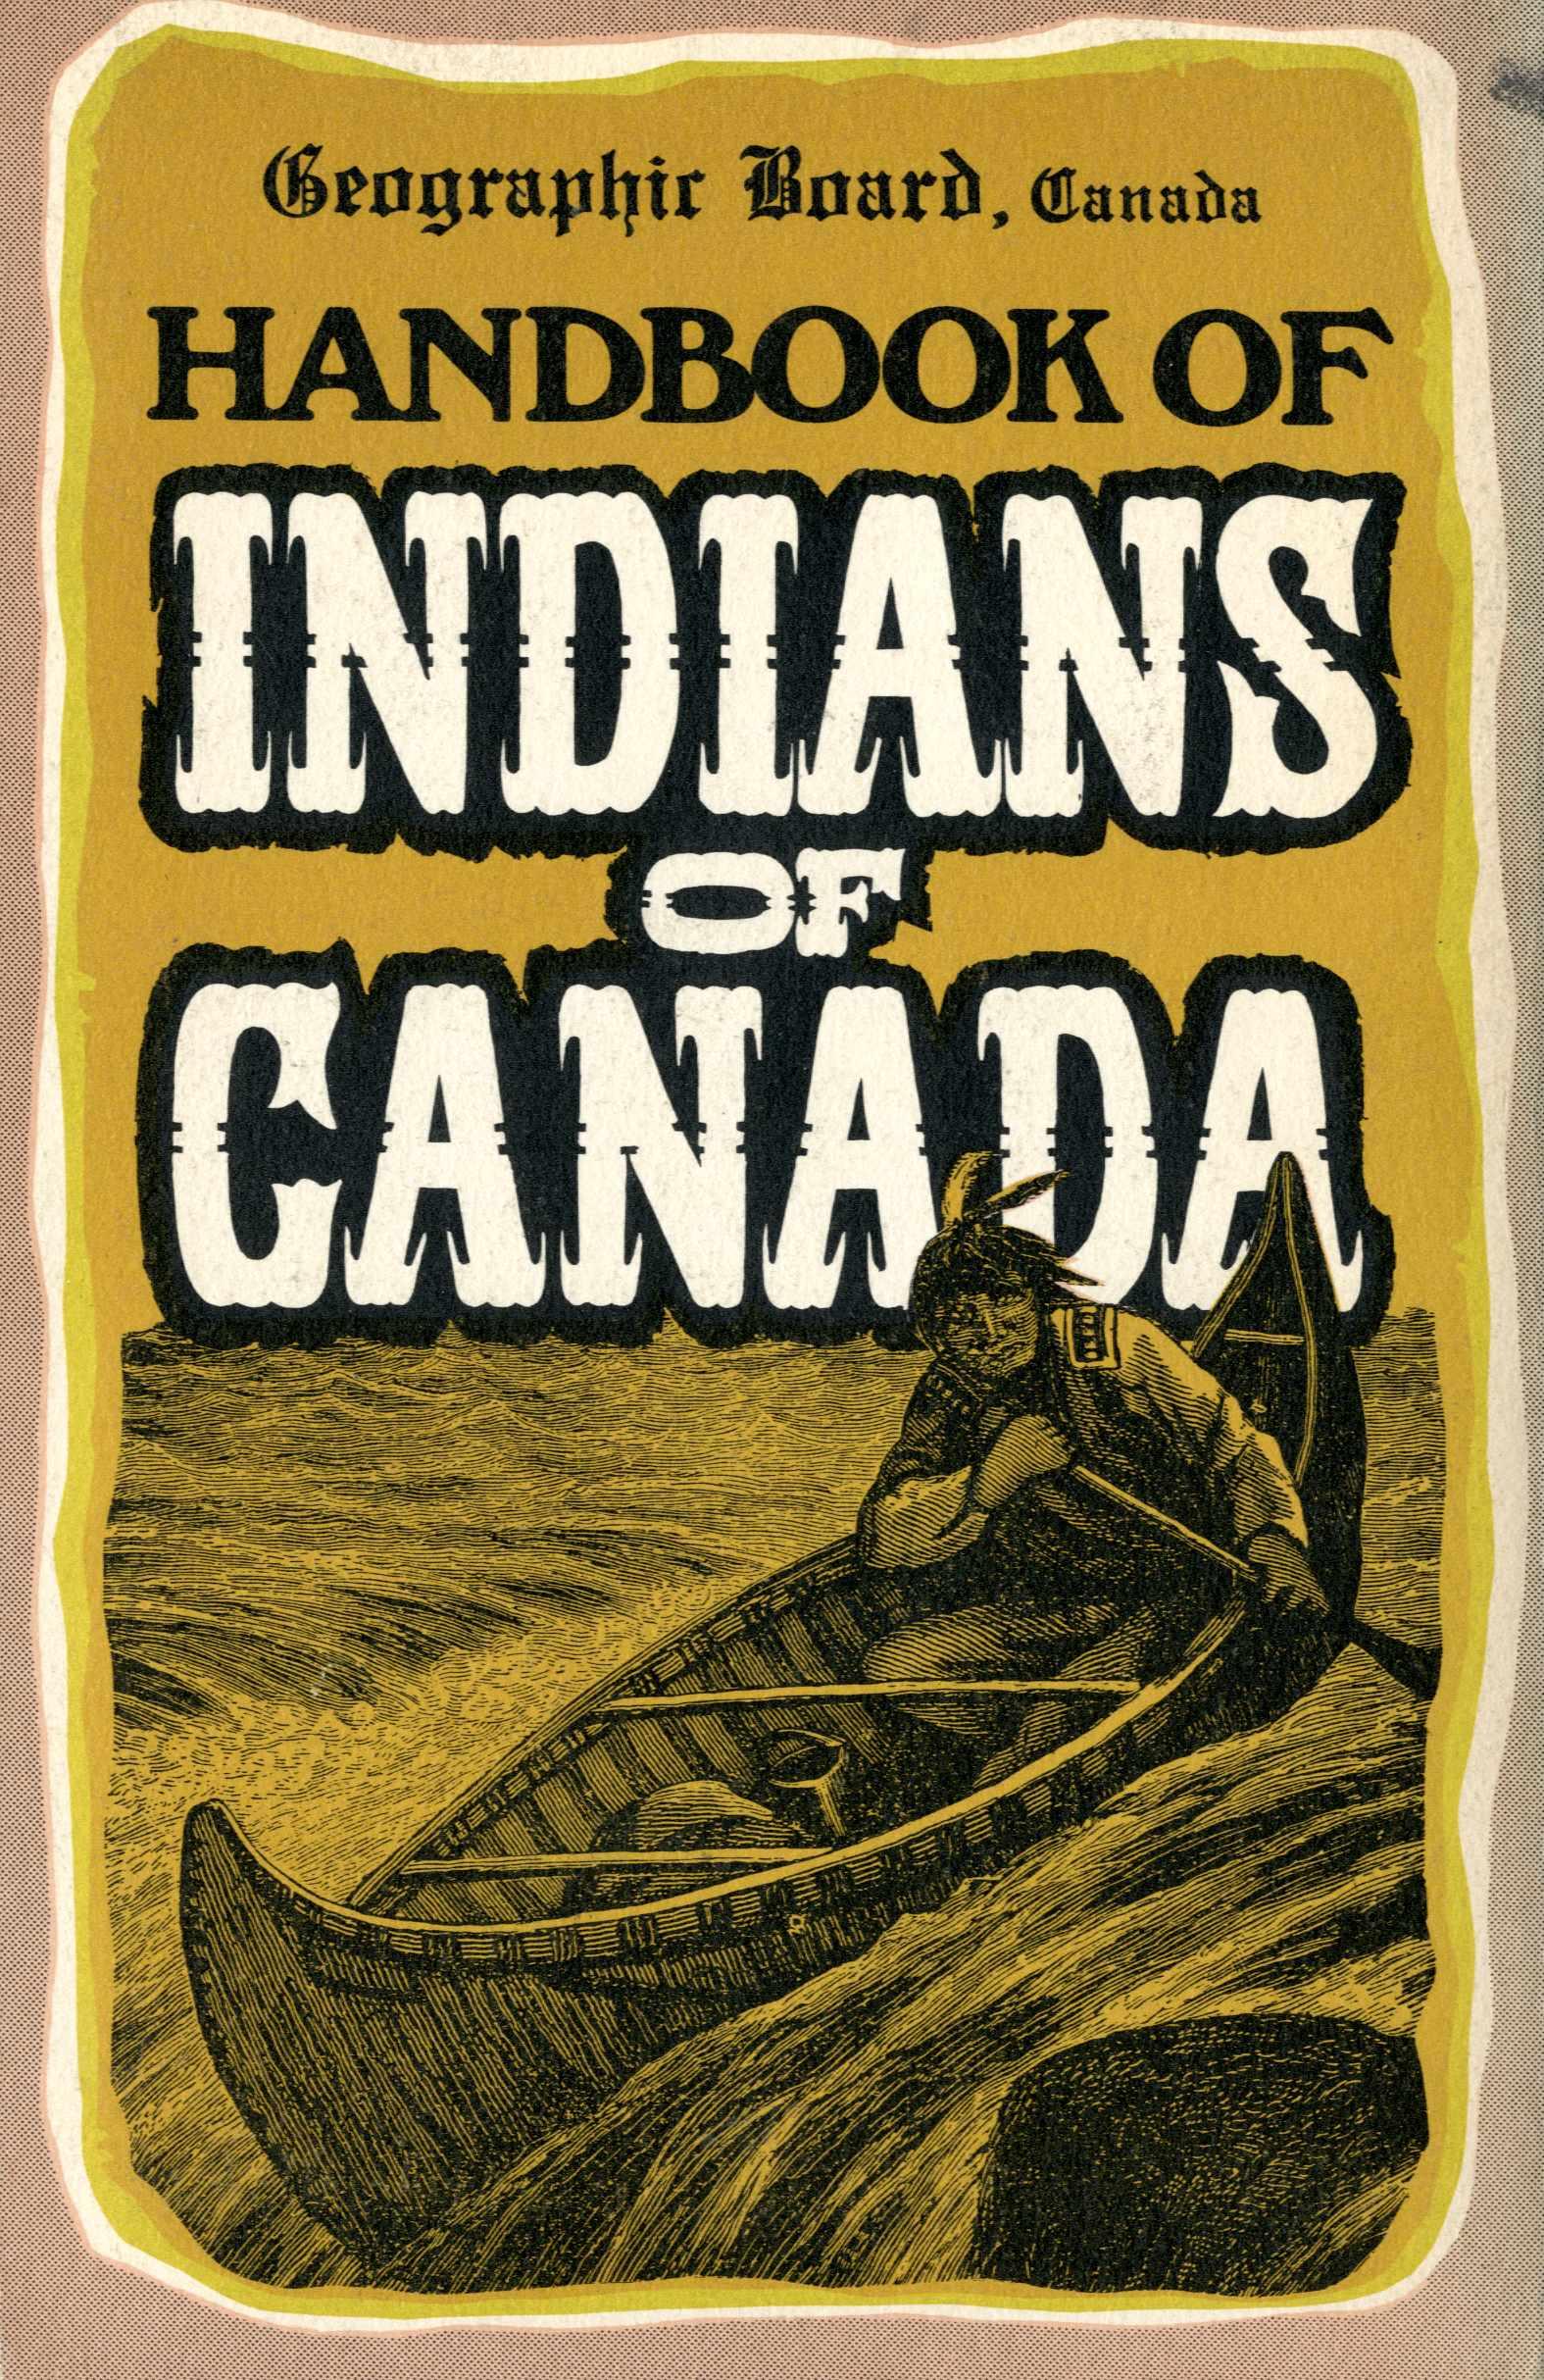 Handbook fo Indians of Canada Image